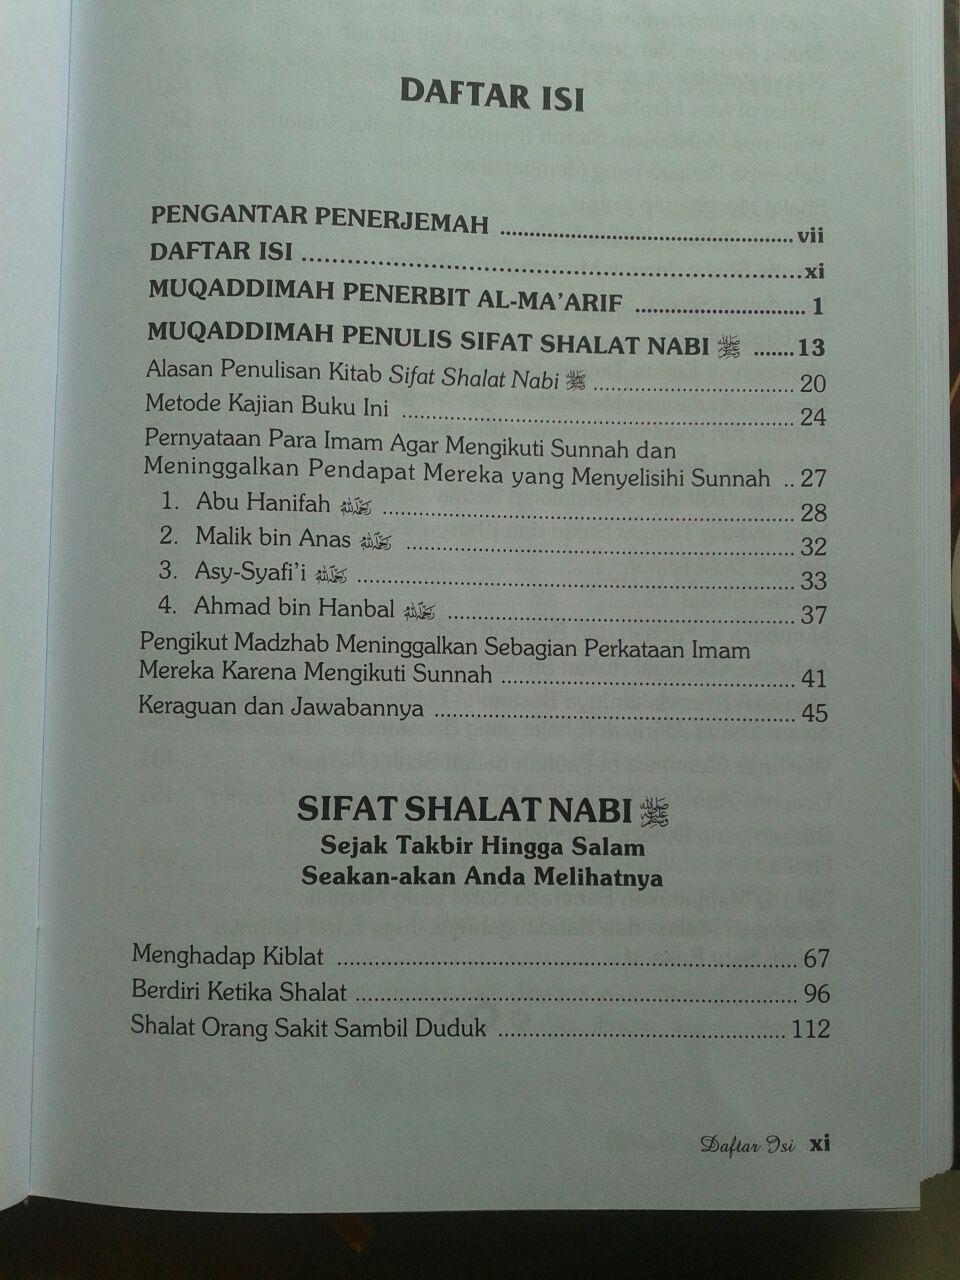 Buku Sifat Shalat Nabi Edisi Lengkap 3 Jilid isi